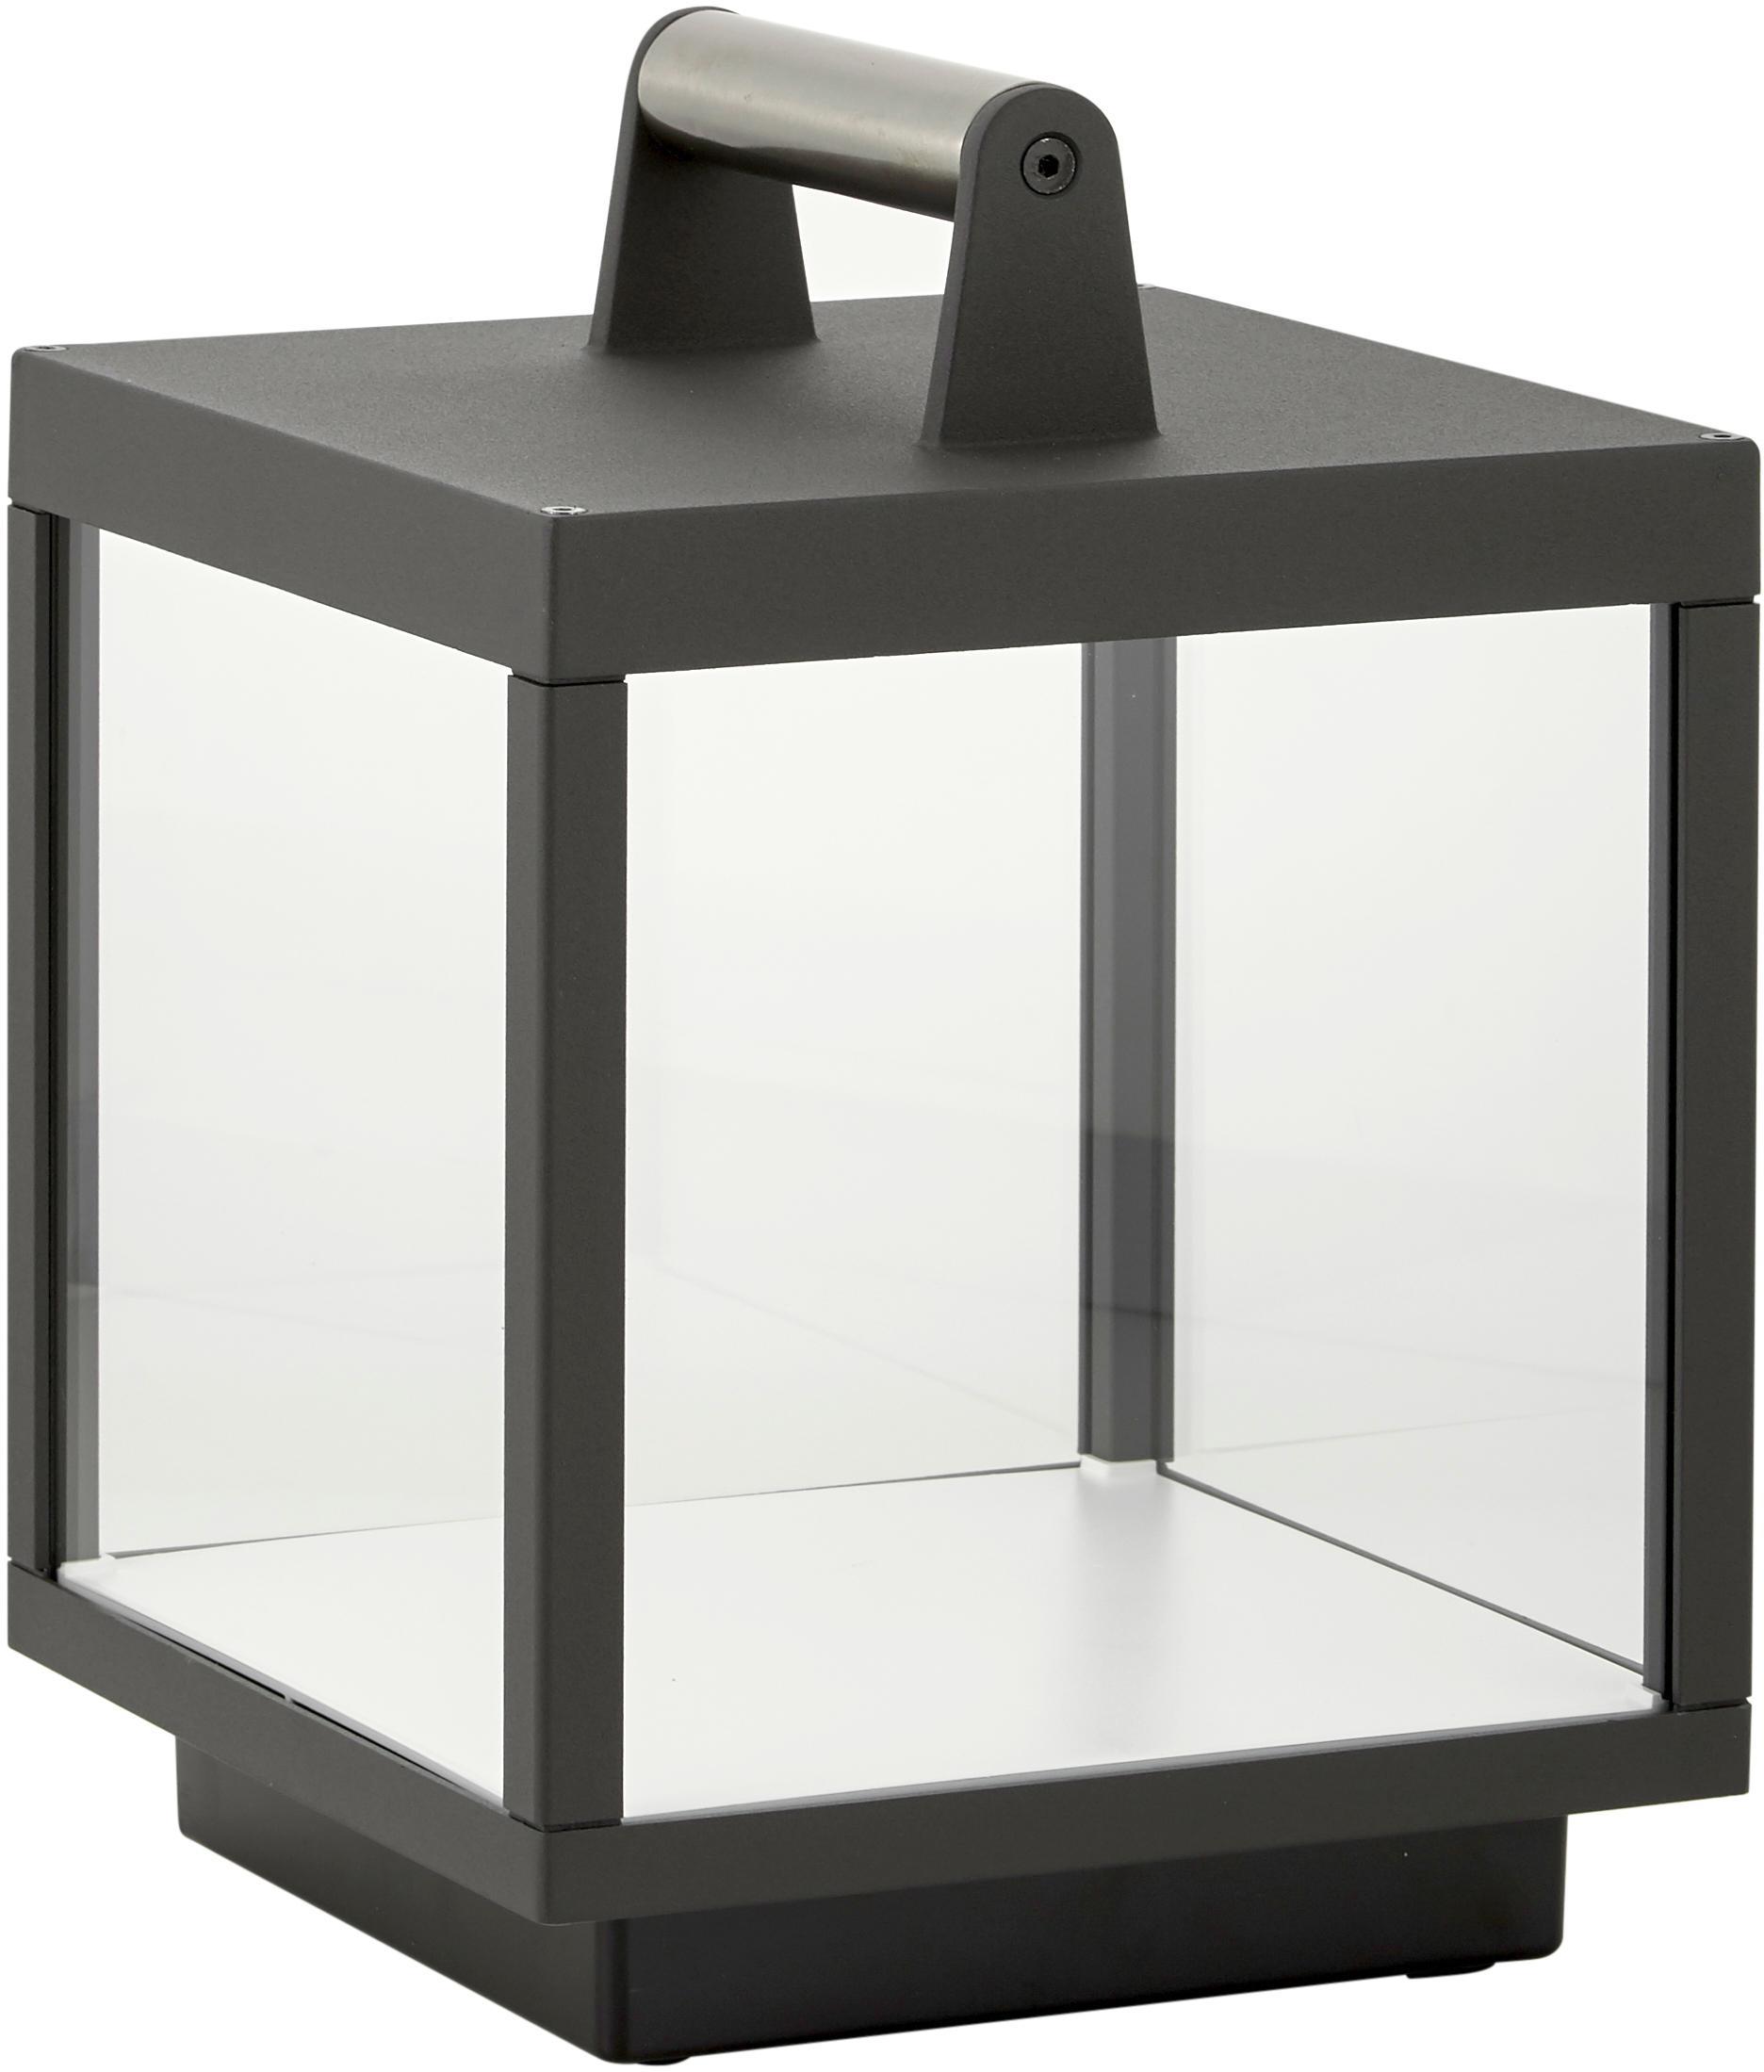 Mobile LED Außentischleuchte Kerala, Rahmen: Aluminium, pulverbeschich, Griff: Aluminium, verchromt, Grau, 18 x 27 cm